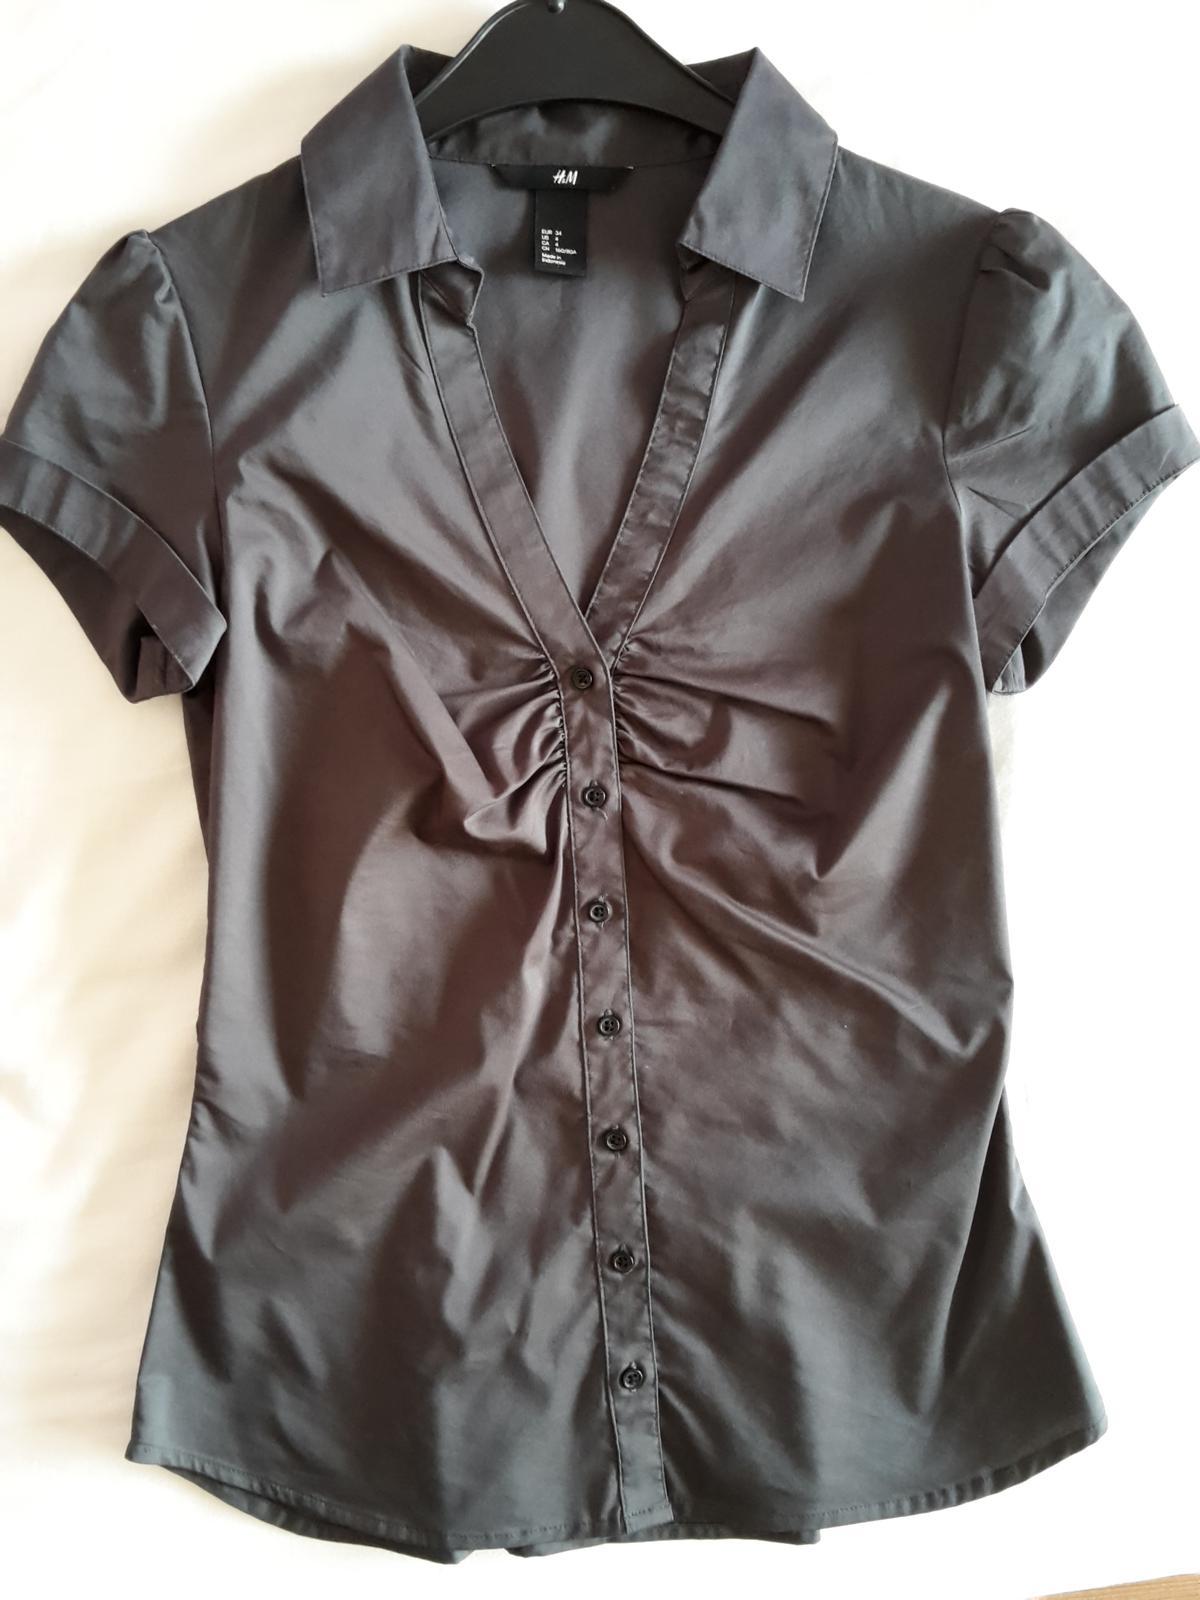 Bluza H&M len oprana - Obrázok č. 1